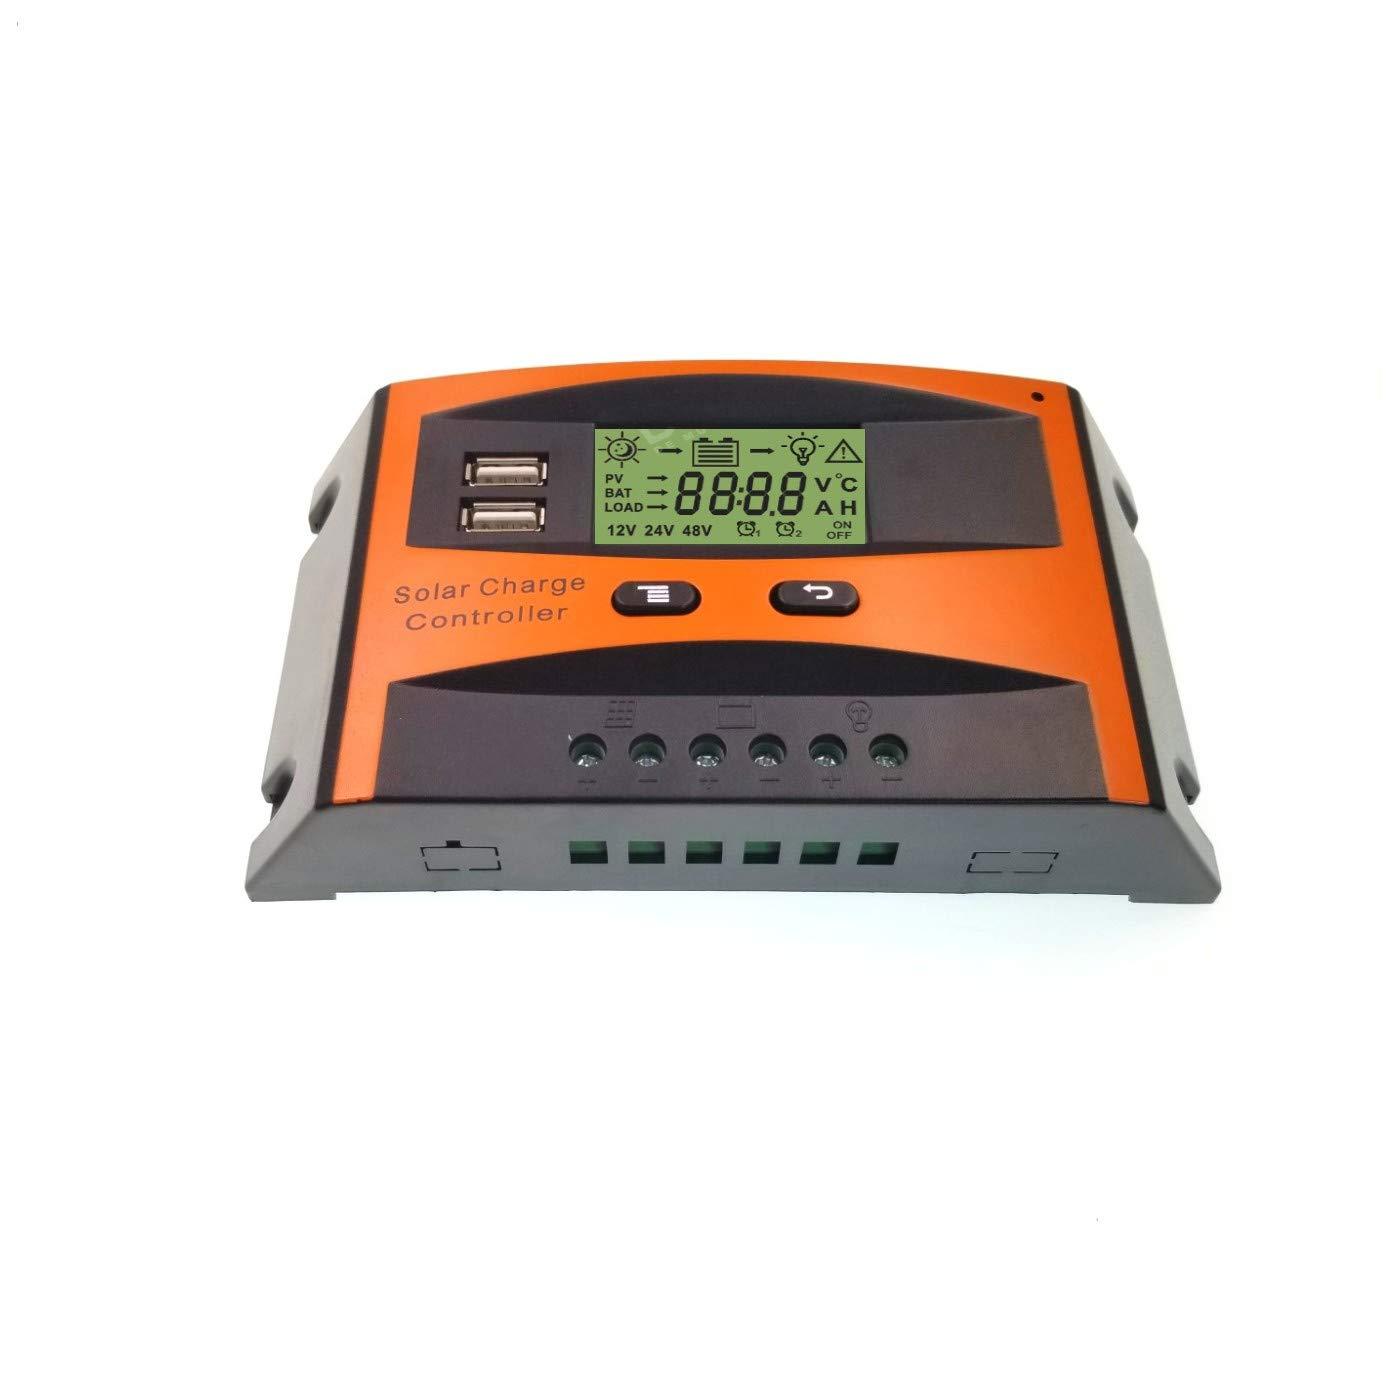 JZK Controlador de carga solar 30A 12V / 24V regulador carga Inteligente panel solar con pantalla LCD y puerto USB, protección contra sobretensión, para lámpara batería panel solar Iluminación LED